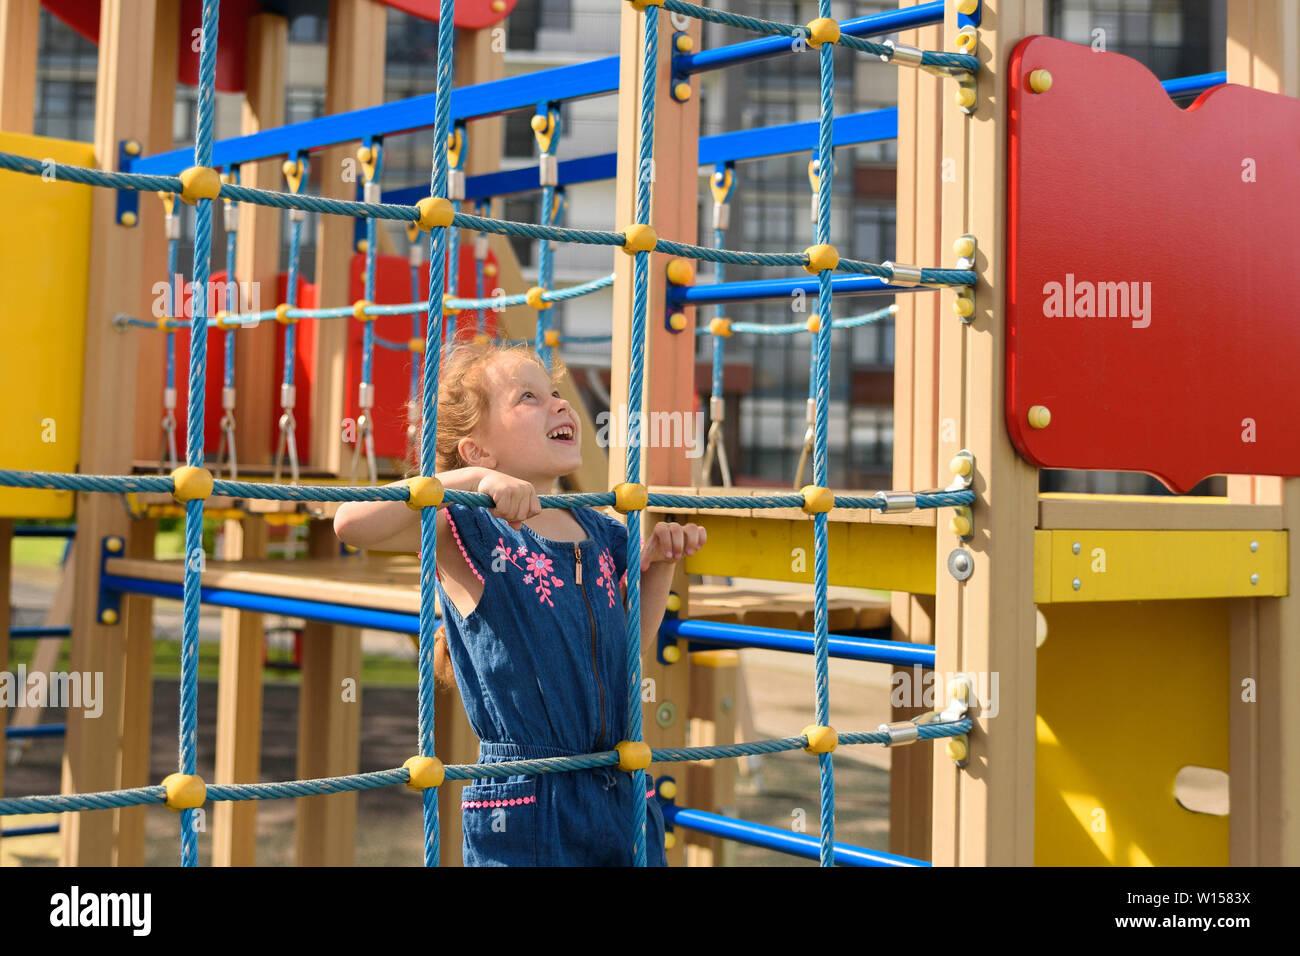 Adolescente intenta subir en la cuerda de la pared. Ella está jugando con la cuerda de pared para desarrollar la actividad motora en el parque Foto de stock